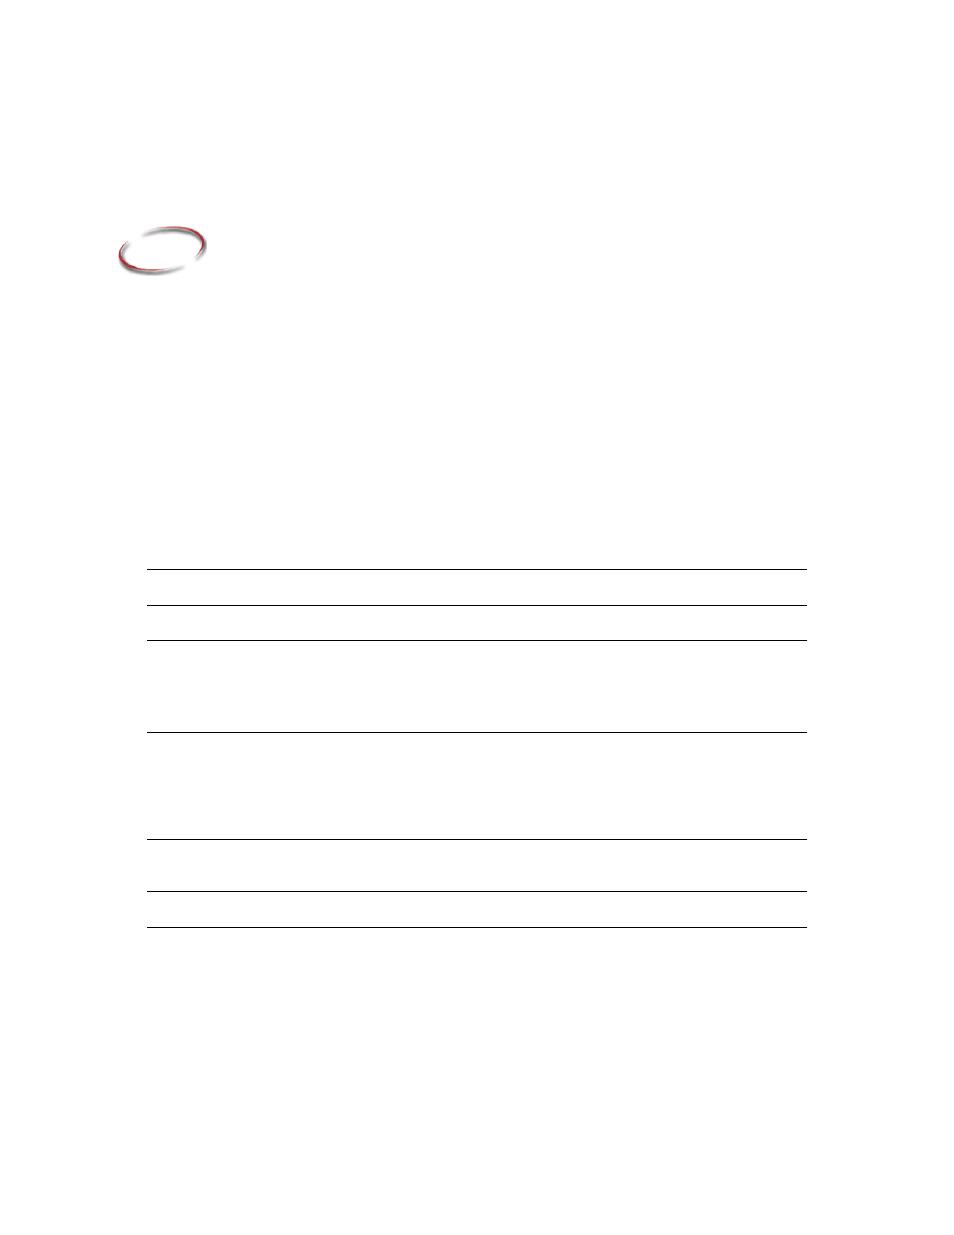 d odbc database schema factorytalk diagnostics log table odbc rh manualsdir com irs fatca schema user guide irs fatca schema user guide